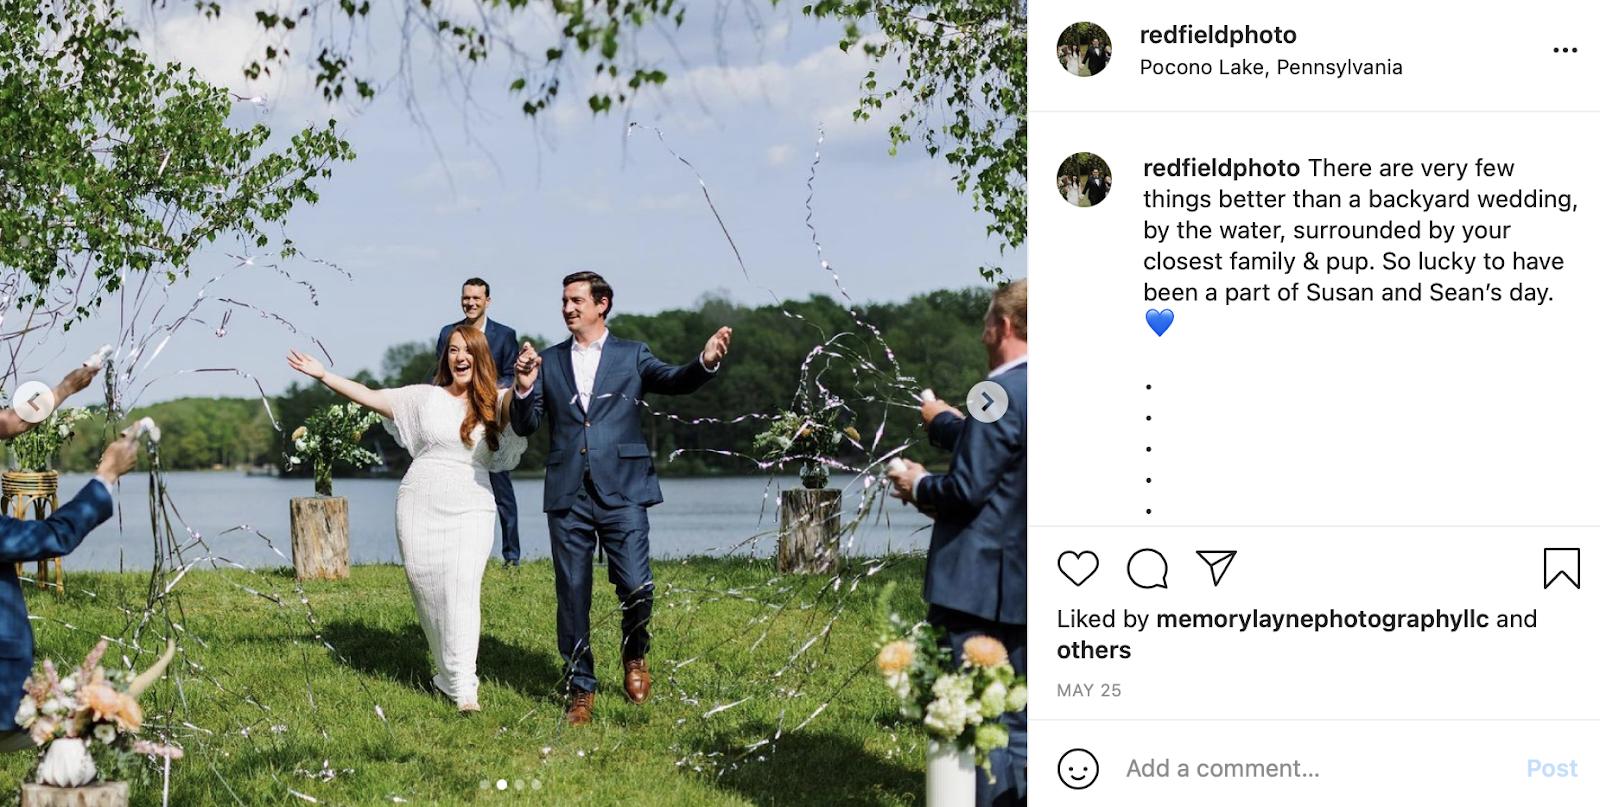 backyard wedding photo